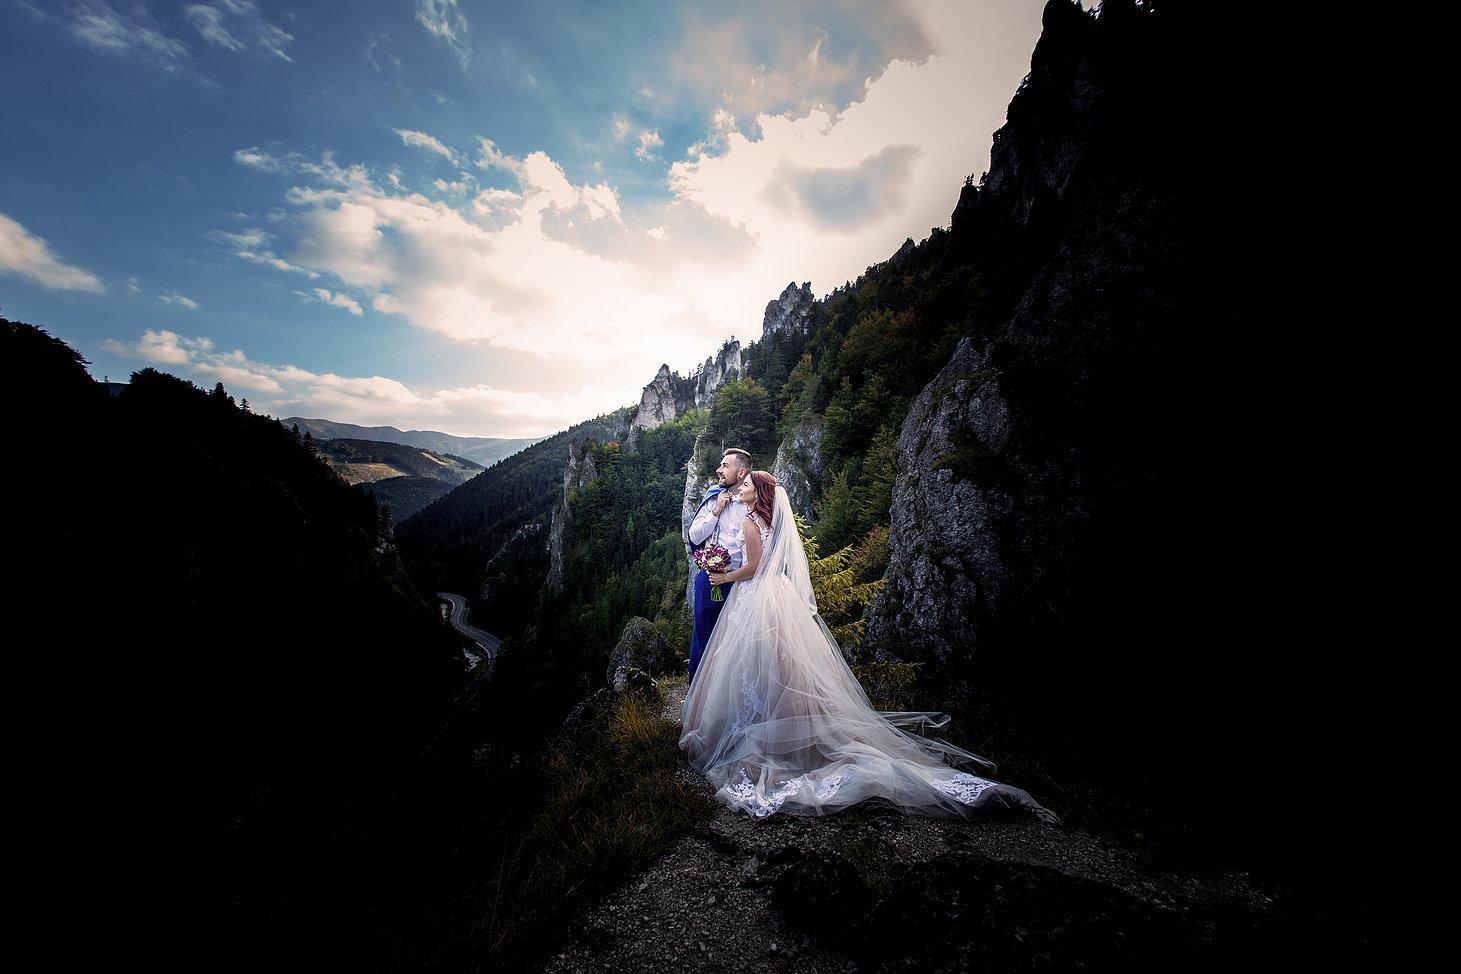 Naša svadobná z miesta,... - Obrázok č. 1